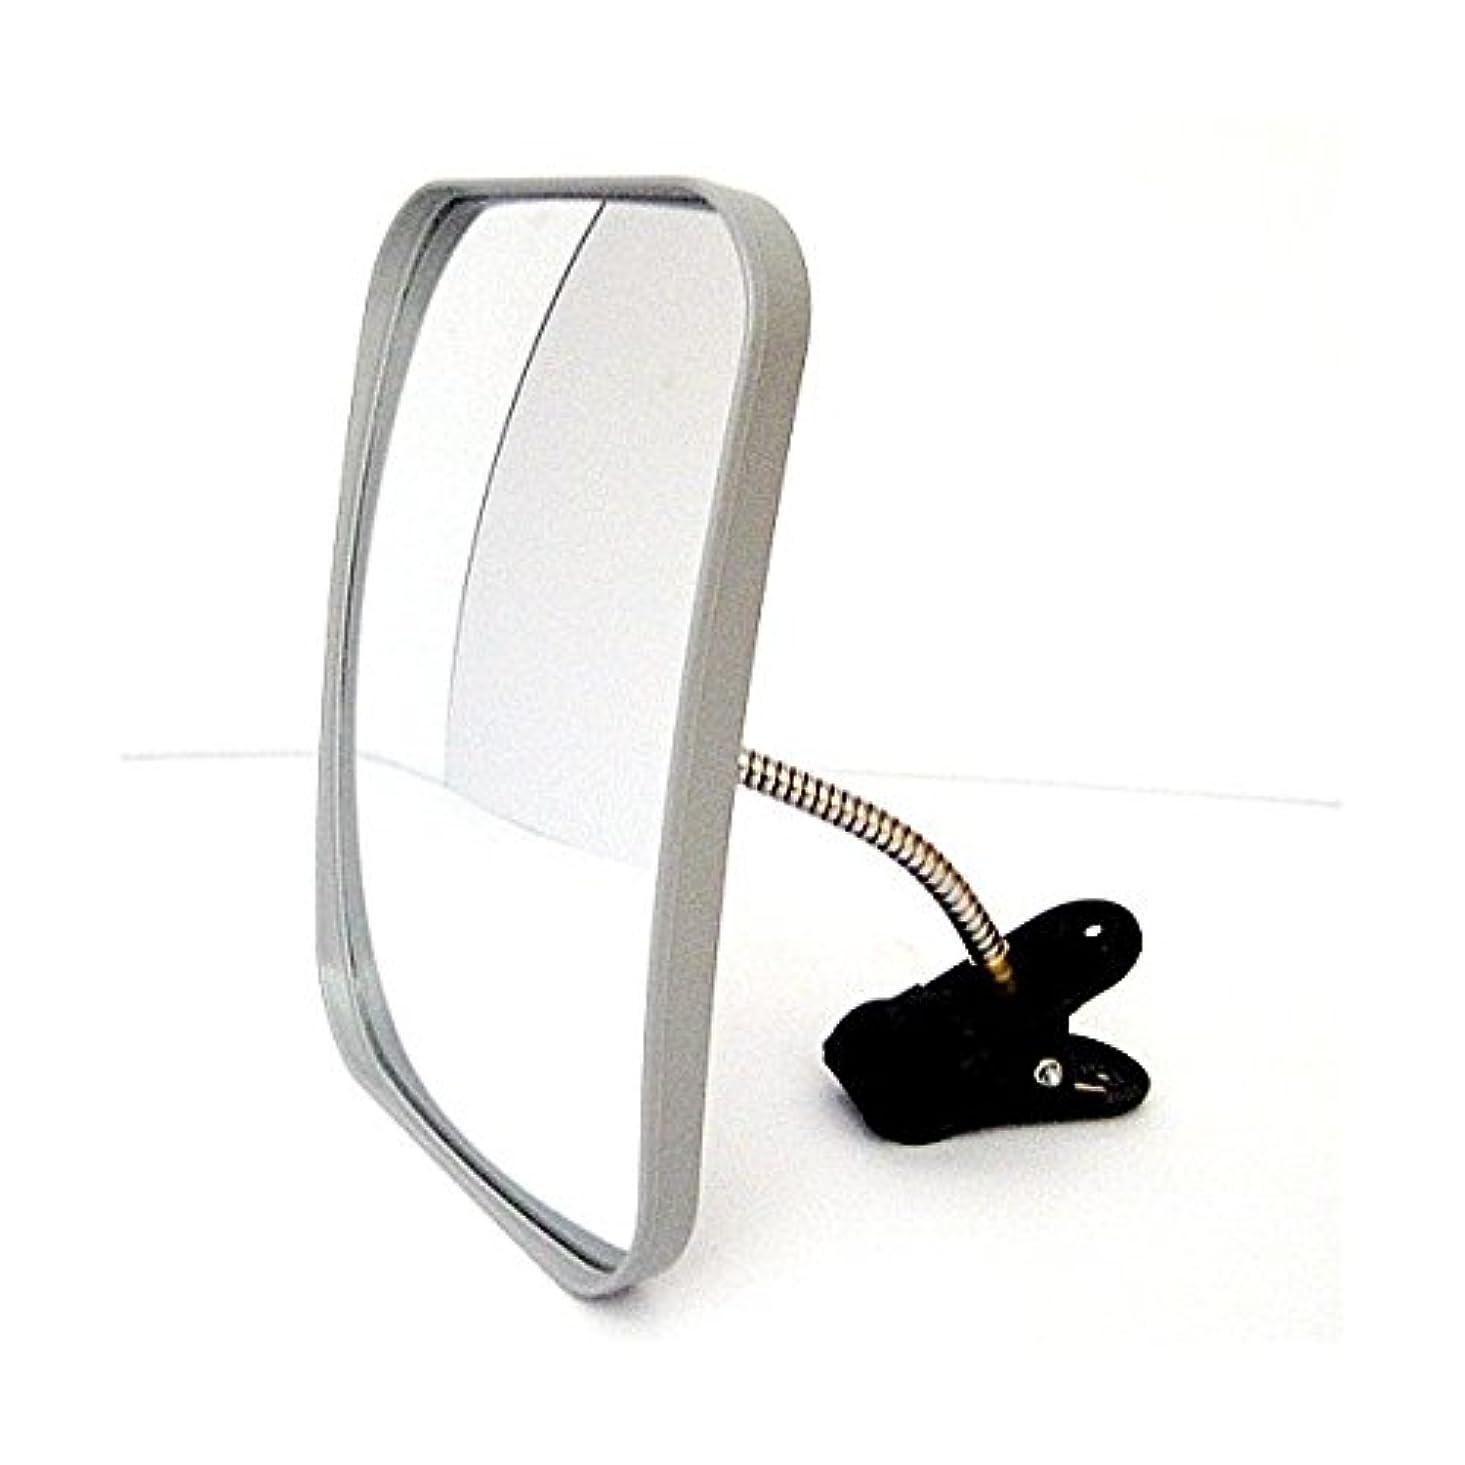 亡命良心的縫い目ホップ カーブミラー ガレージミラー 角型31cm×23cm HP-角30クリップ グレー 日本製